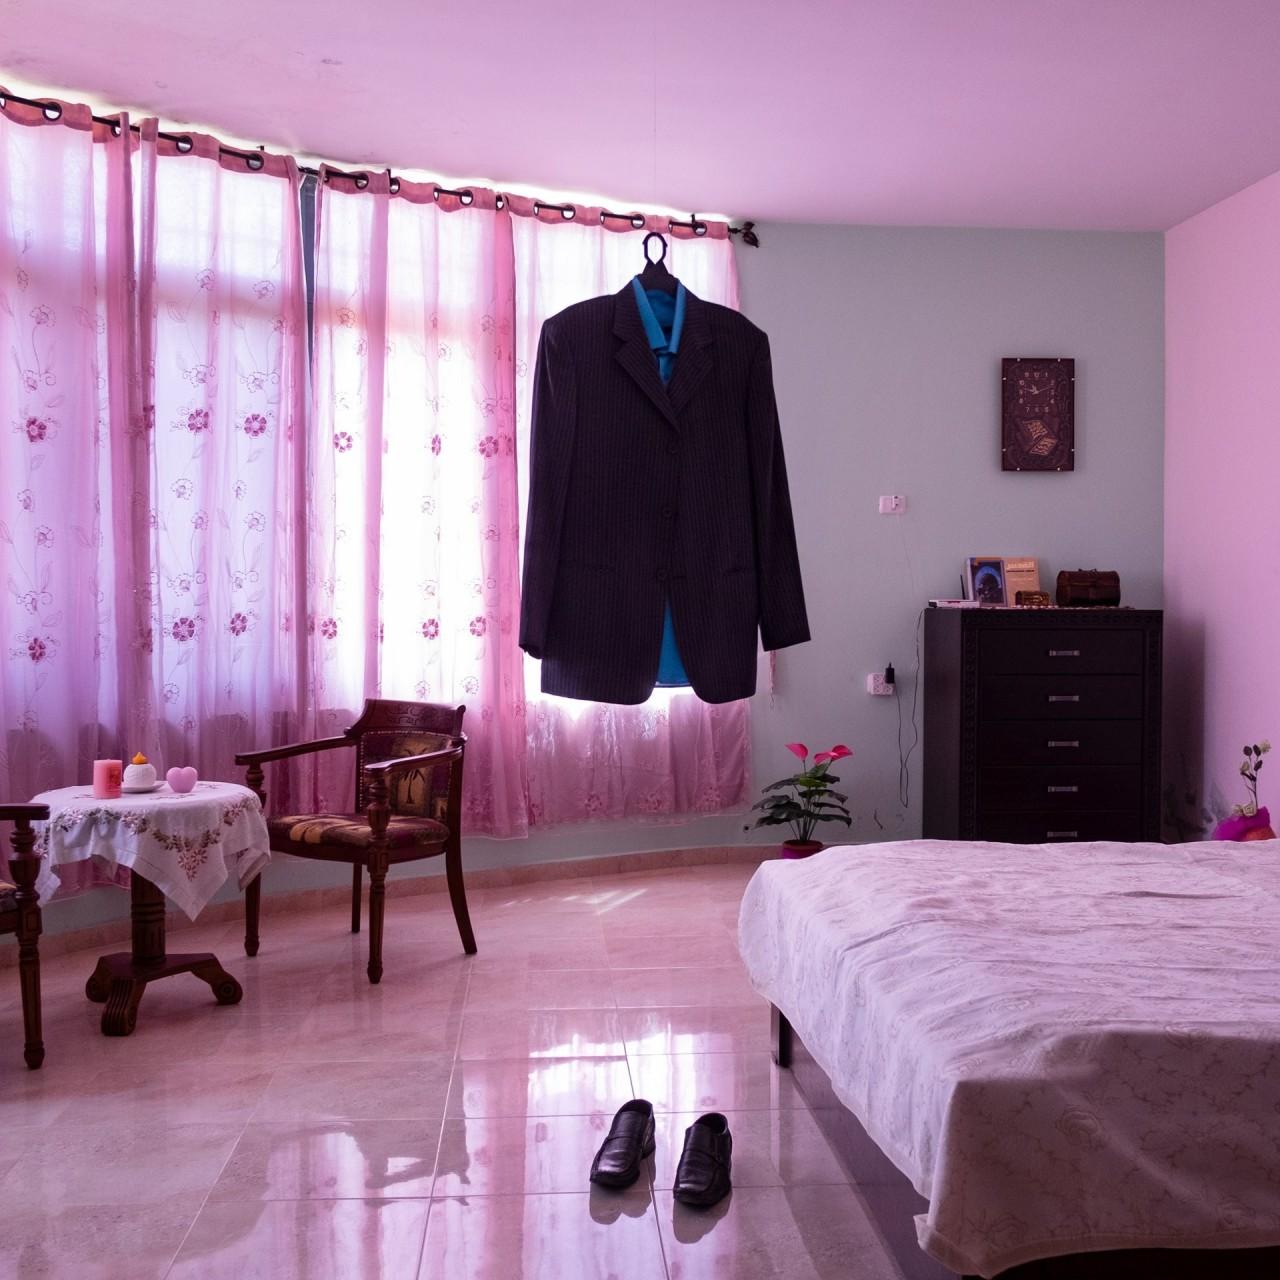 1 место в категории «Долгосрочный проект», 2021. Одежда Наэля аль-Баргути, заключённого в израильской тюрьме, хранимая его женой недалеко от Рамаллы, Палестина, 17 августа 2015 года. Автор Антонио Фачилонго